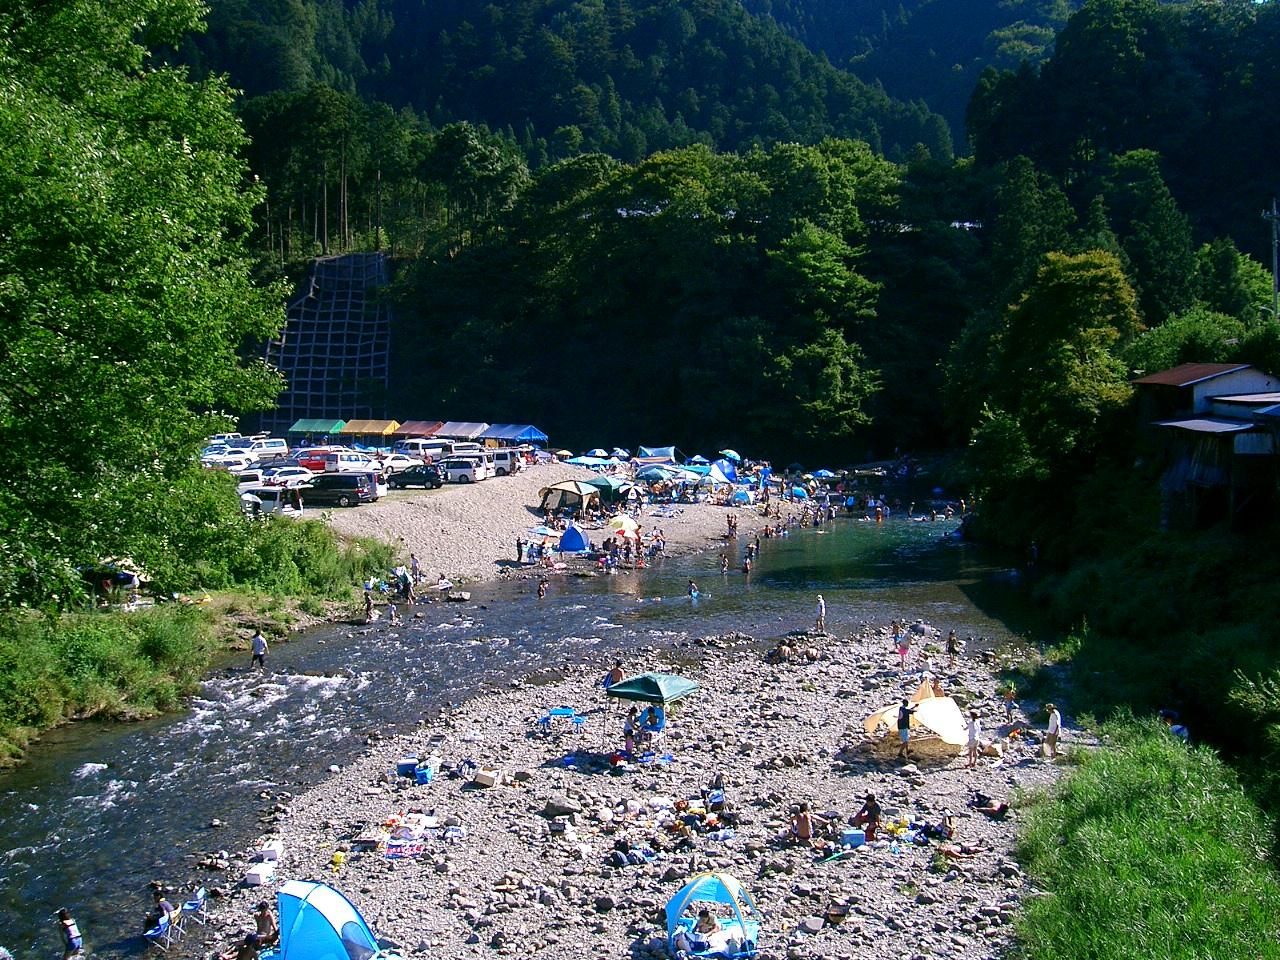 秋川渓谷 瀬音の湯 周辺観光施設のご案内 川遊び